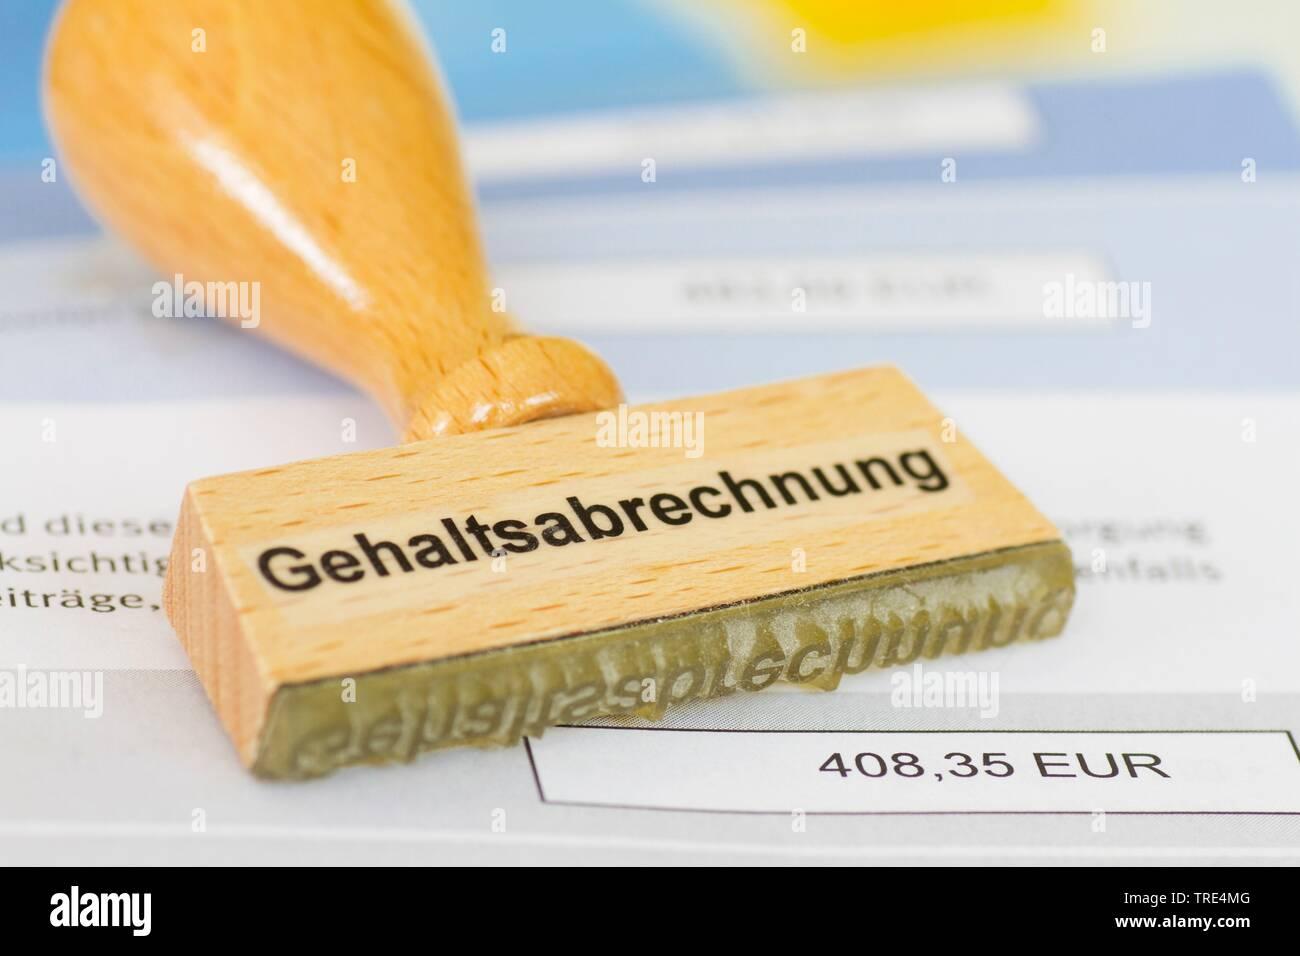 Stempel mit der Aufschrift Gehaltsabrechnung, Deutschland   stam lettering Gehaltsabrechnung, payroll, Germany   BLWS517206.jpg [ (c) blickwinkel/McPH - Stock Image